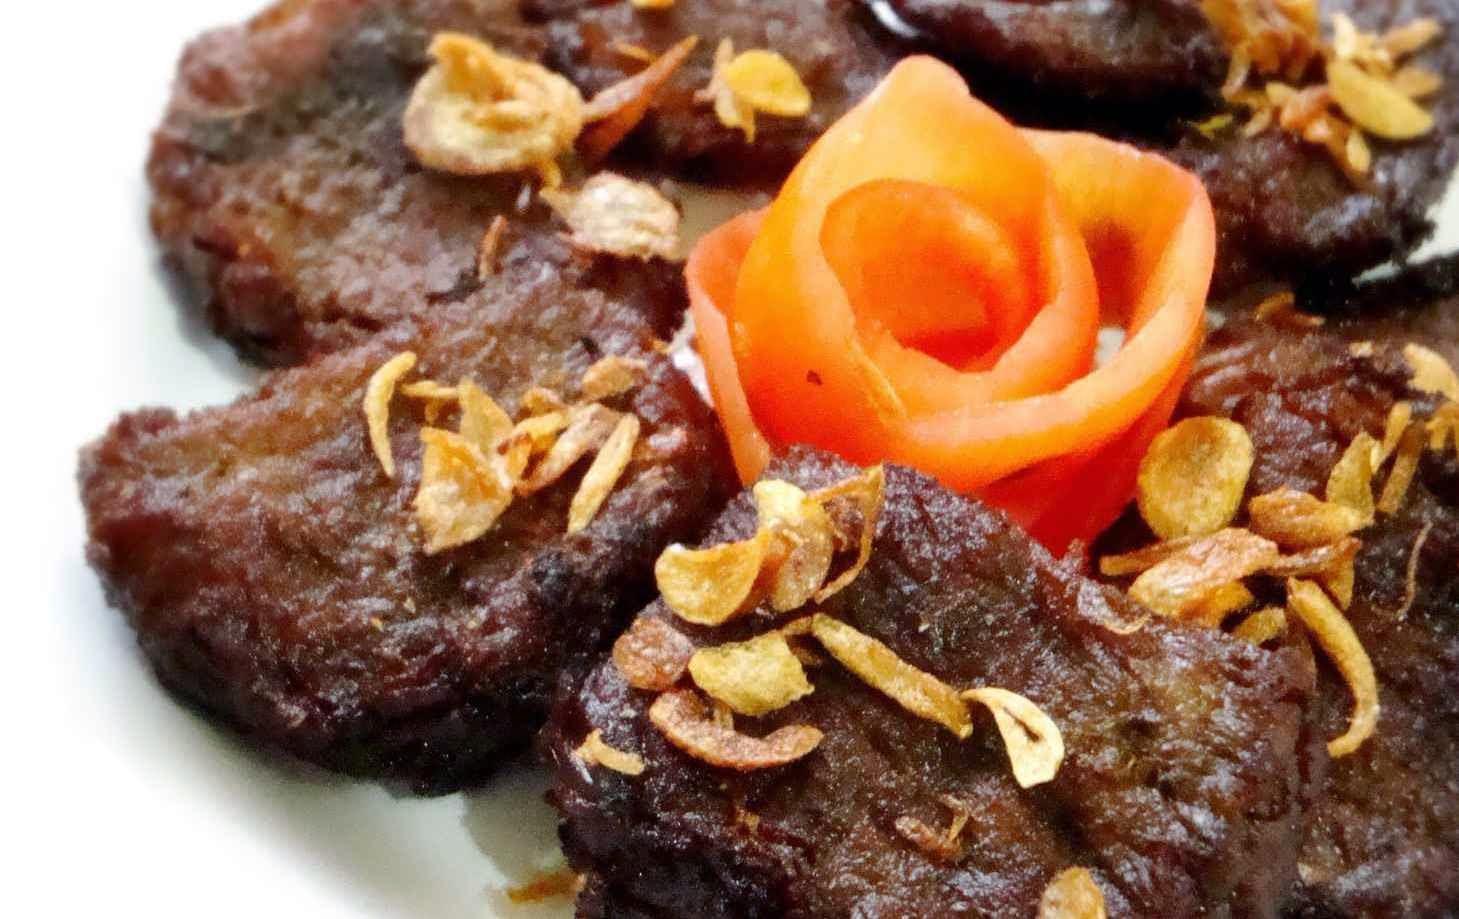 empal-goreng-food